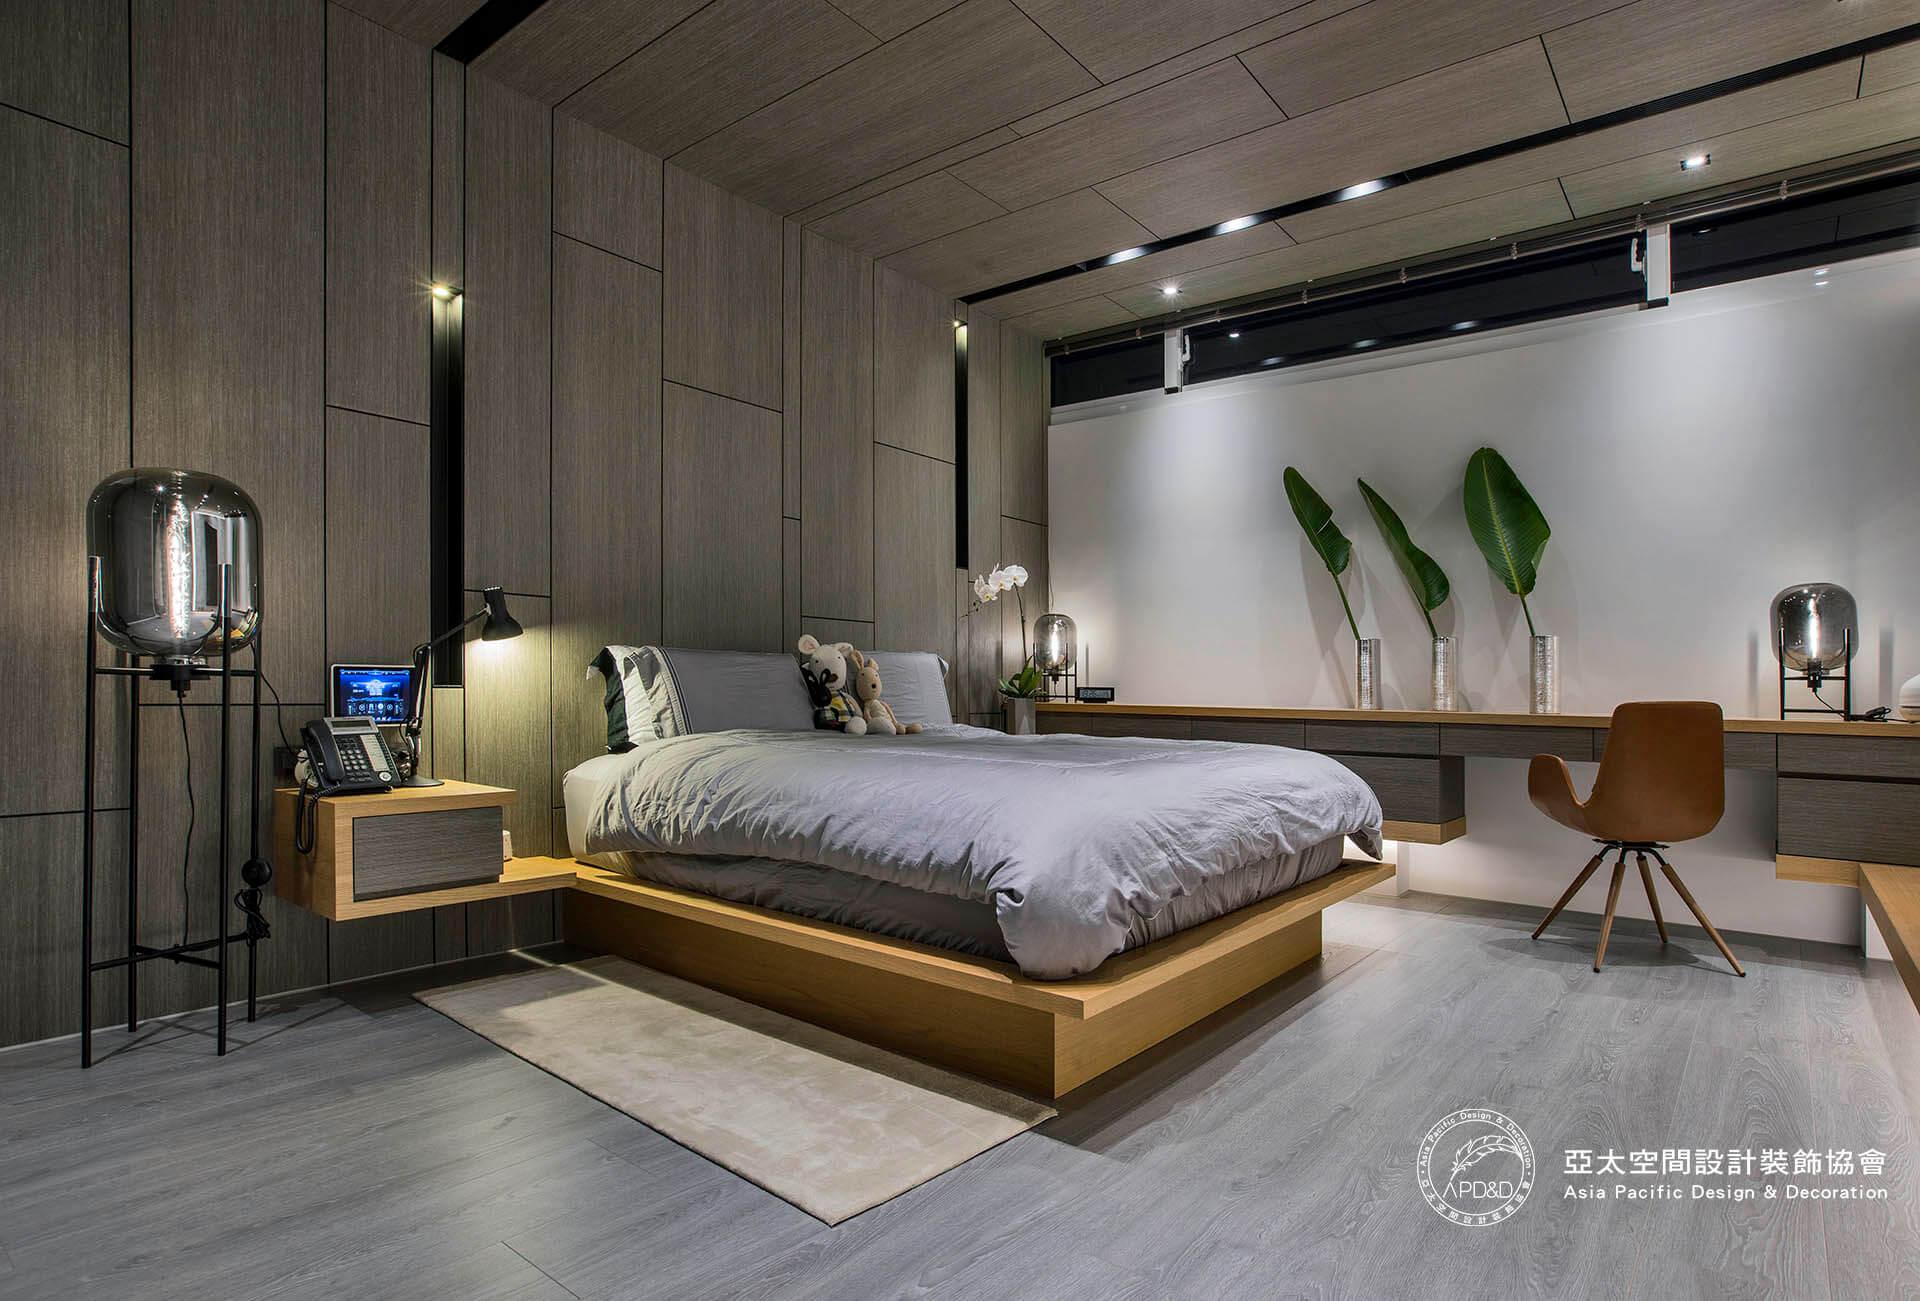 臥室室內設計深度空間 蘇炯旭_轉角秘境10